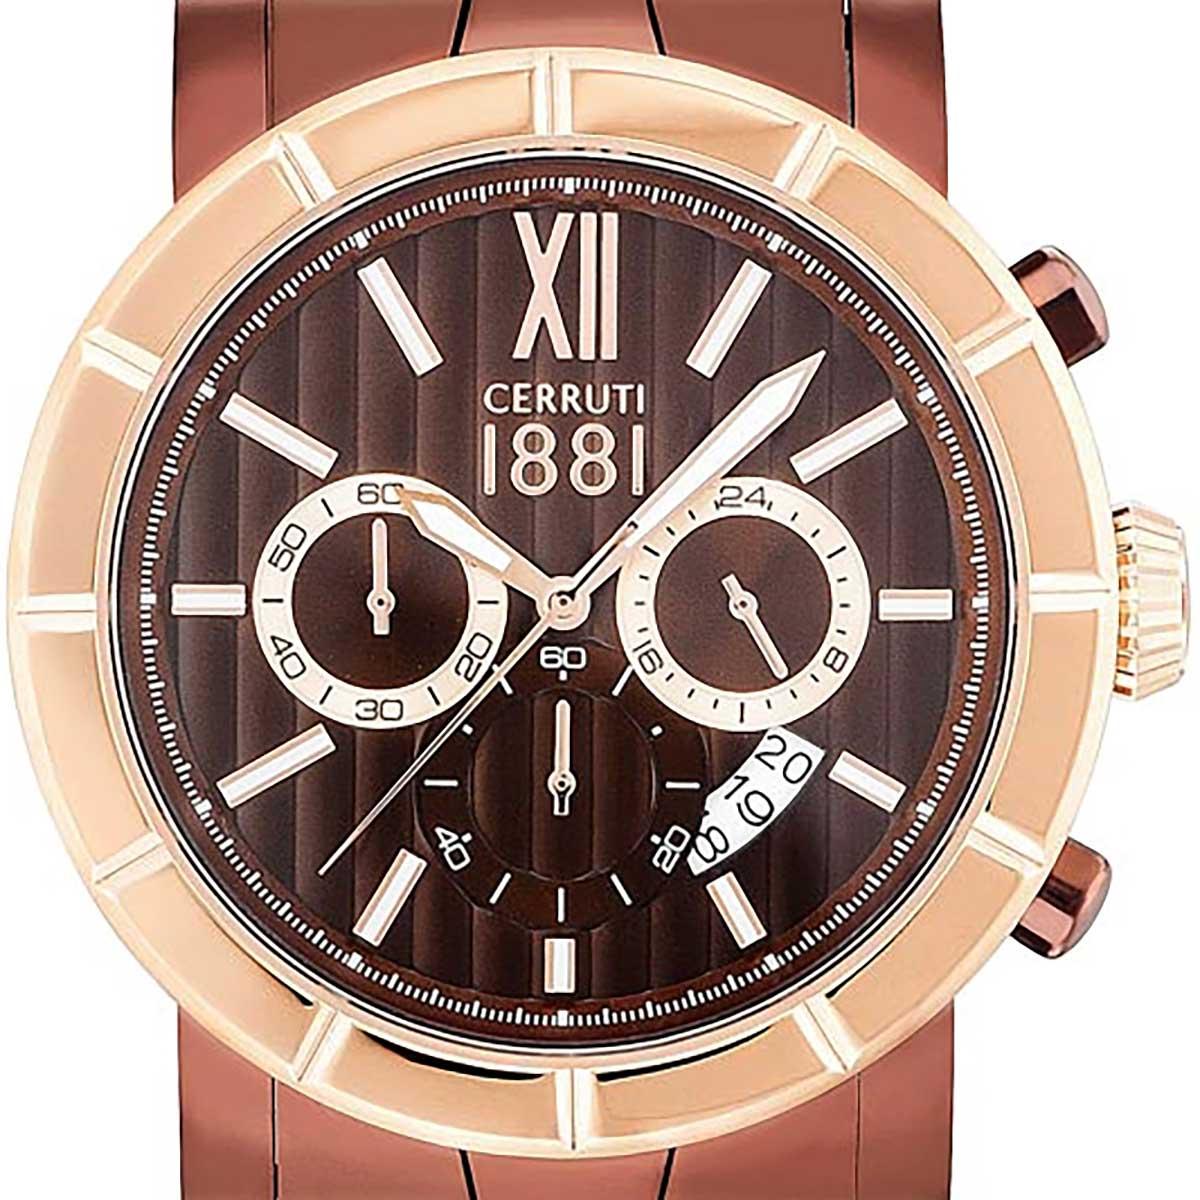 【残り1点】CERRUTI 1881 チェルッティ1881 電池式クォーツ 腕時計 [CRA142SBZR12MBZ] 並行輸入品 ブラウン(茶)